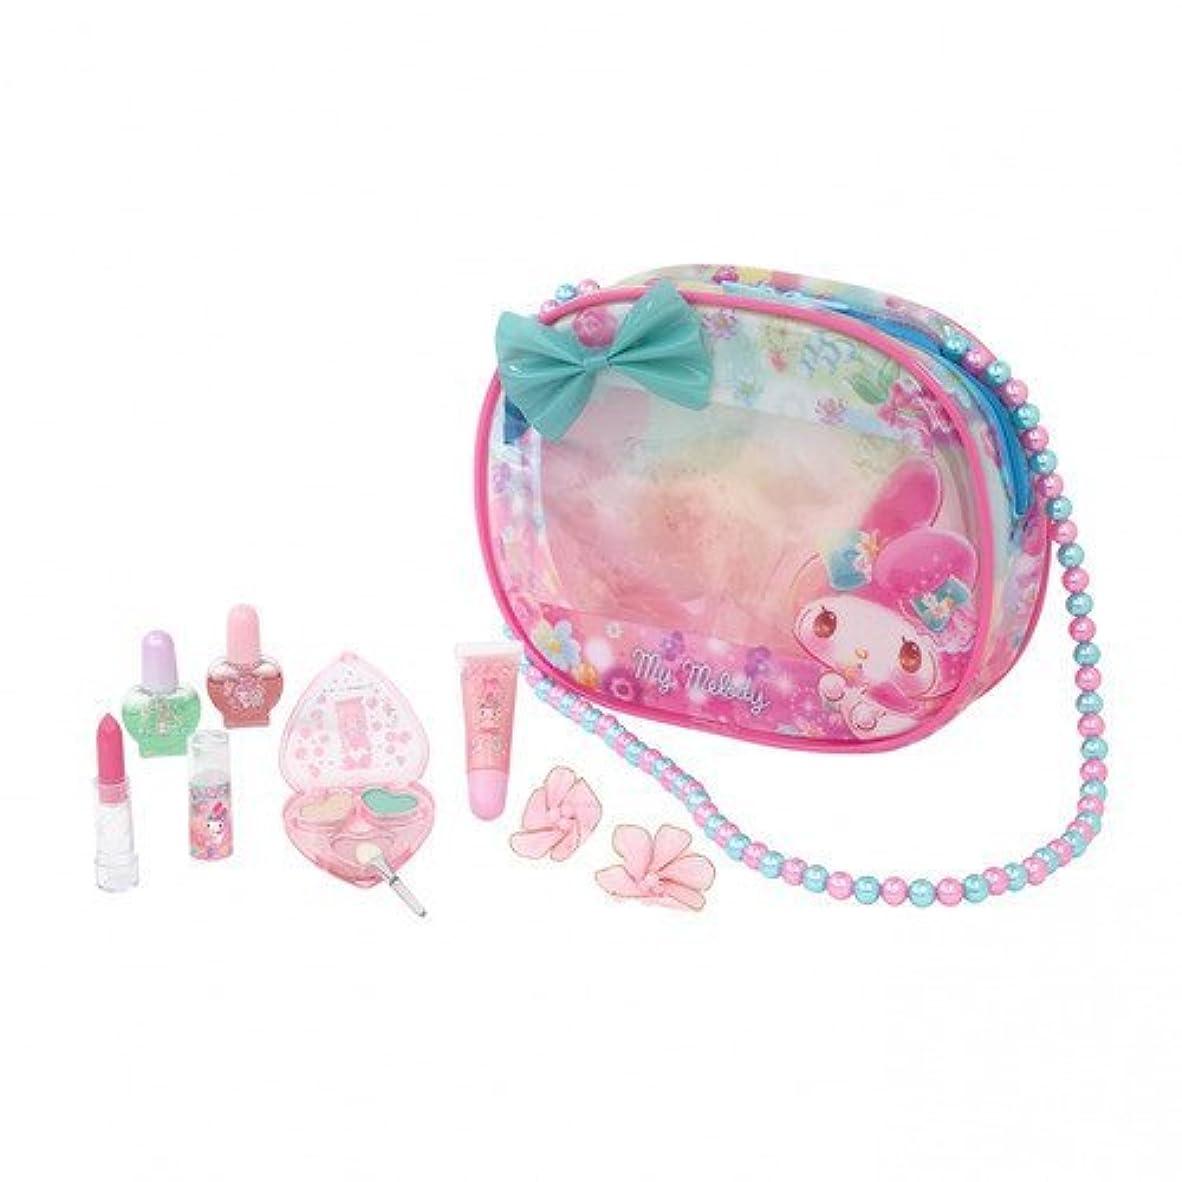 広告夕食を作る複雑なマイメロディ ファンシーコスメバッグ メイクアップセット (バッグ形ケース入りコスメセット)おしゃれな女の子に